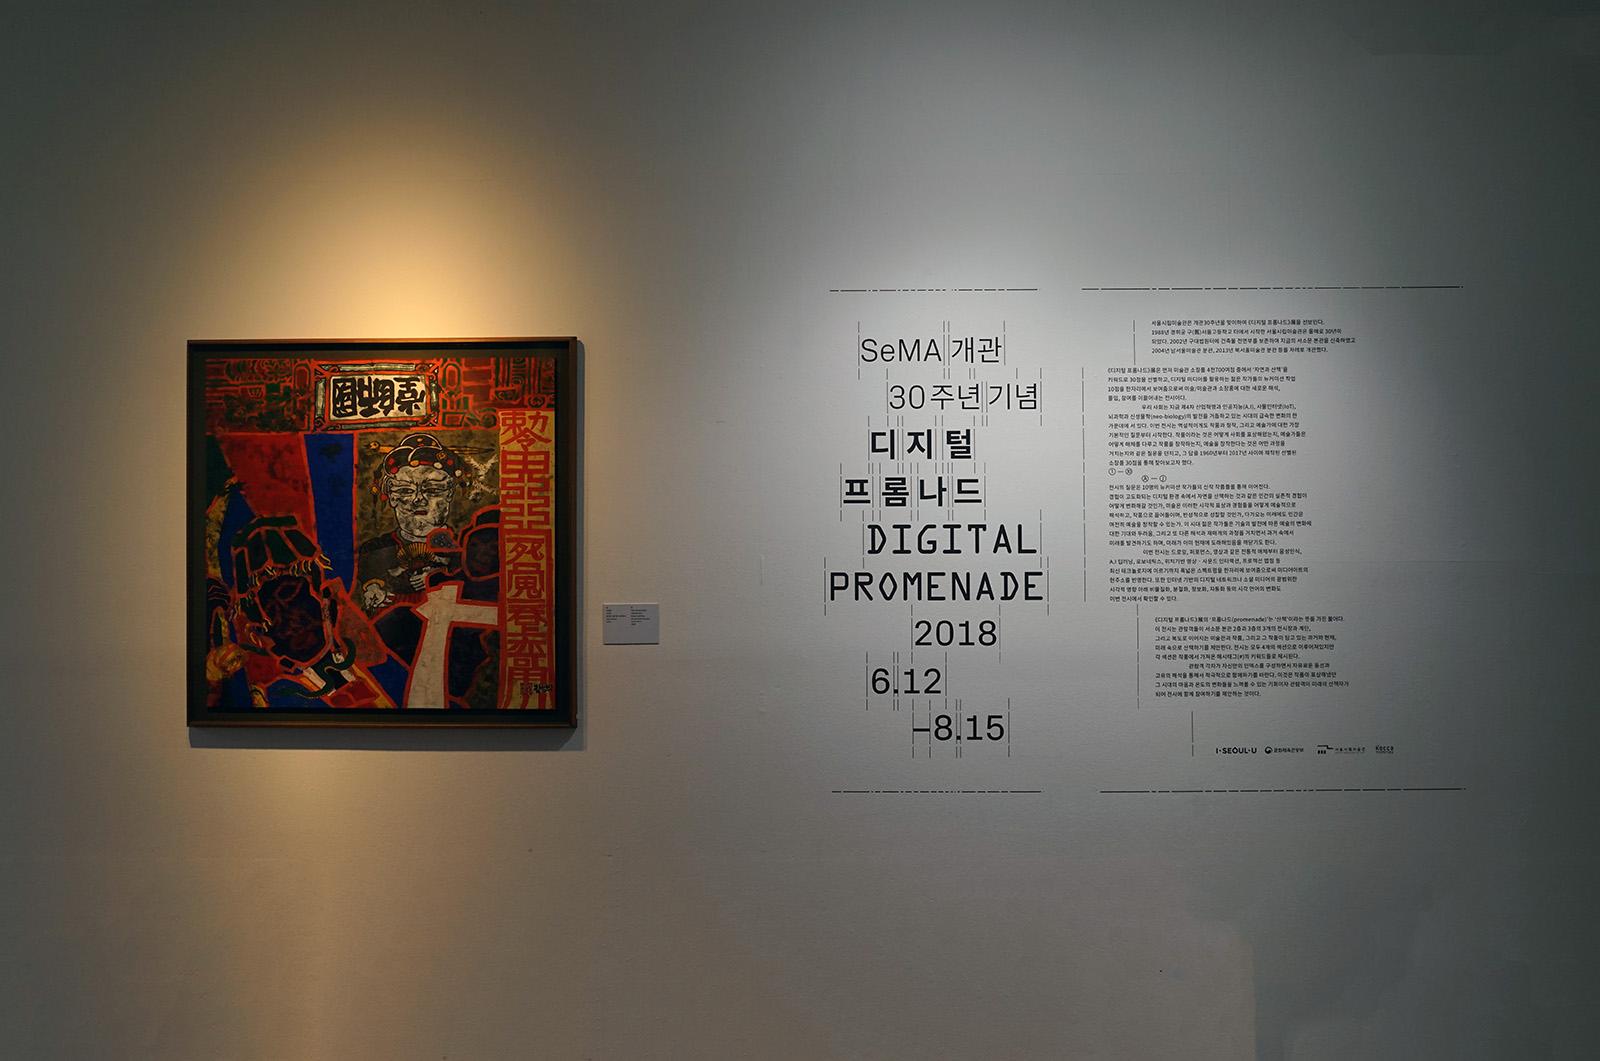 전시회 -디지털 프롬나드 Digital Promenade 2018-